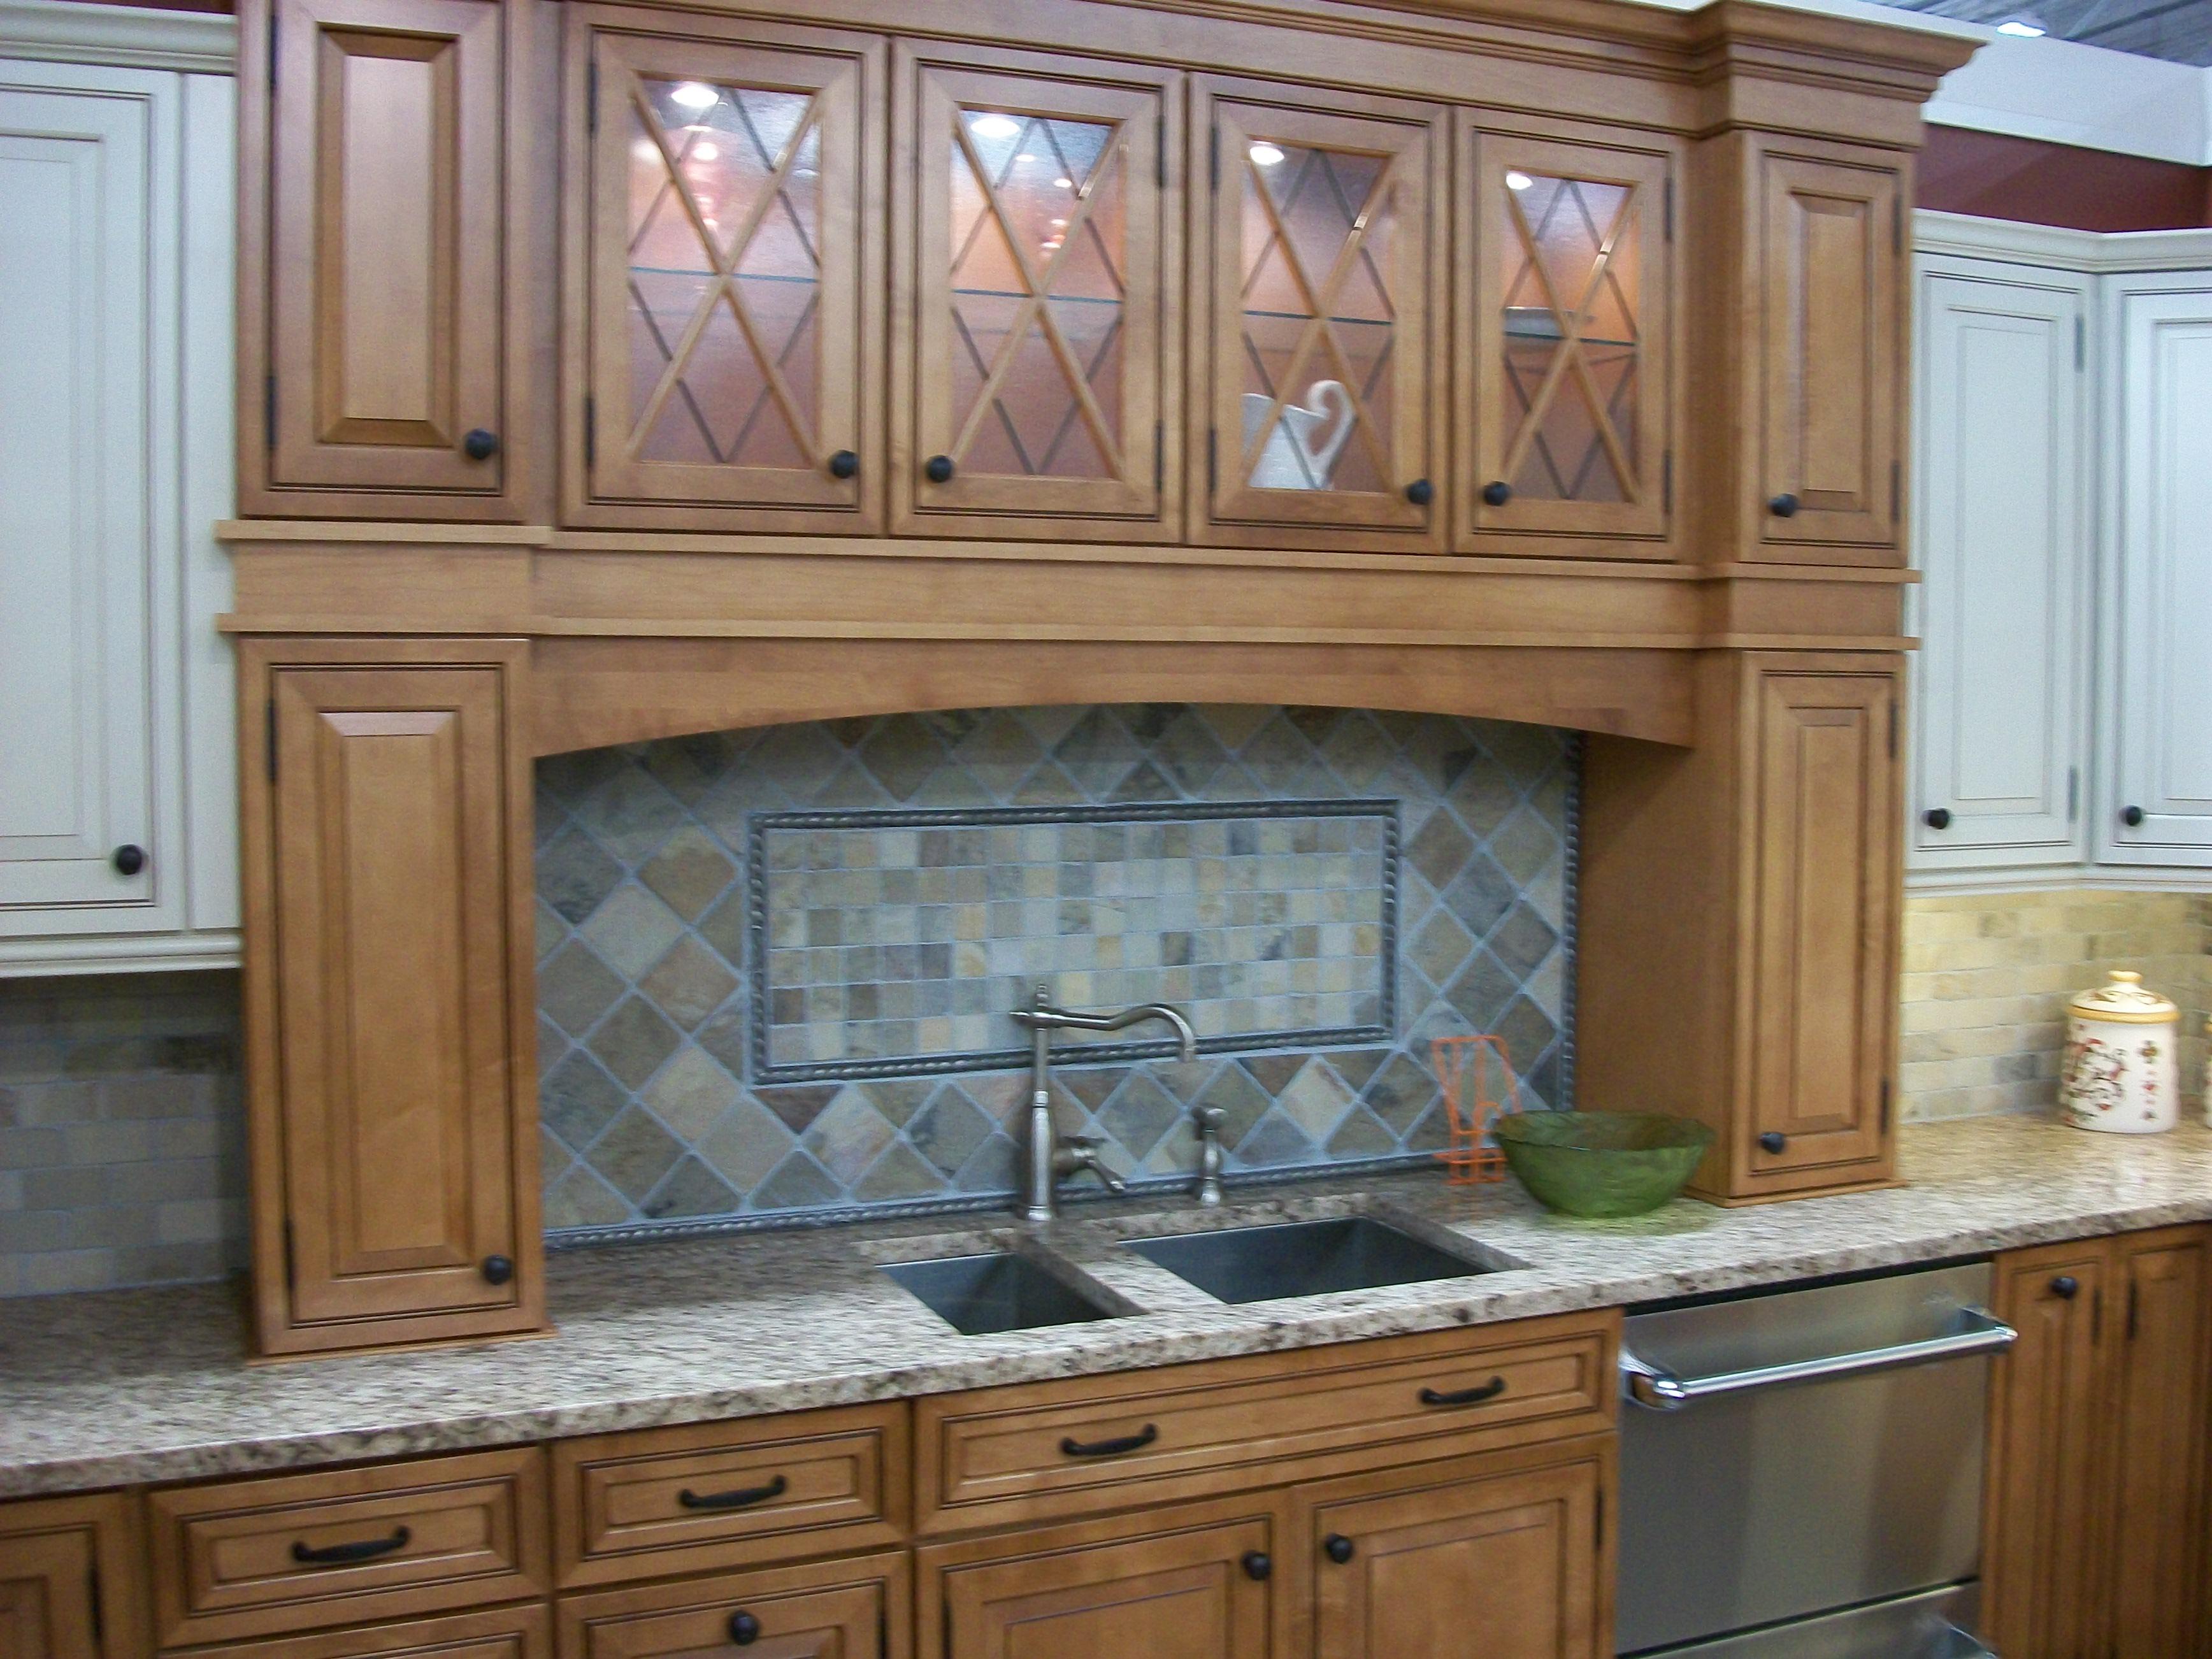 File:Kitchen cabinet display in in NJ nj kitchen cabinets File Kitchen cabinet display in in NJ